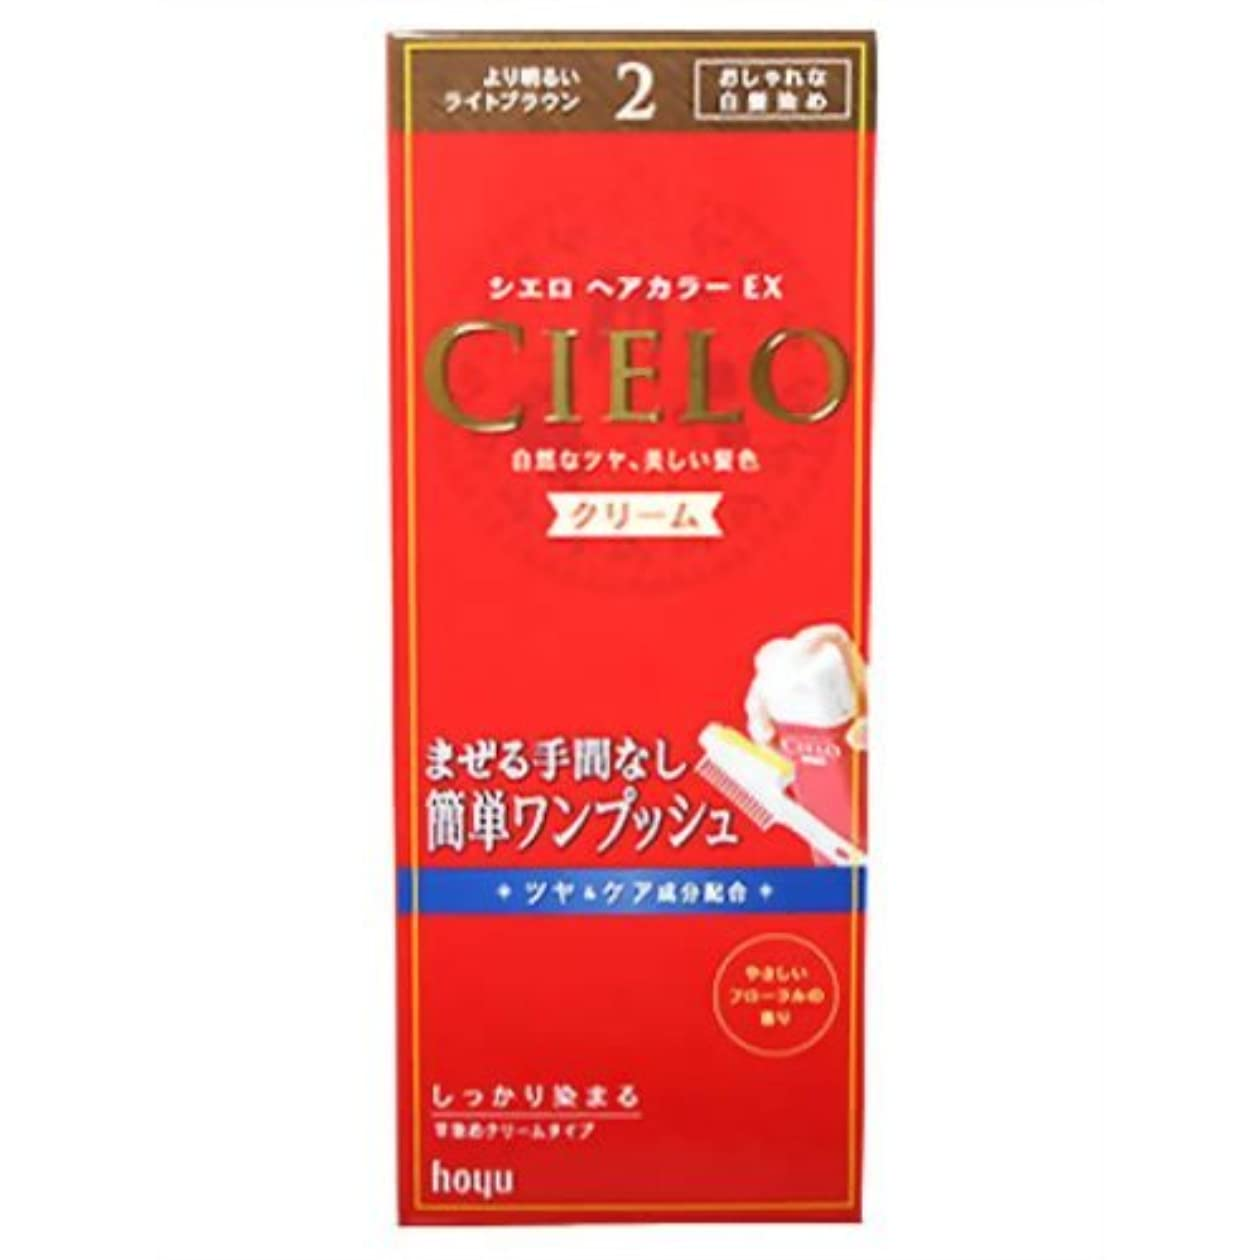 ファイアル読書欺くシエロ ヘアカラーEX クリーム2 (より明るいライトブラウン)